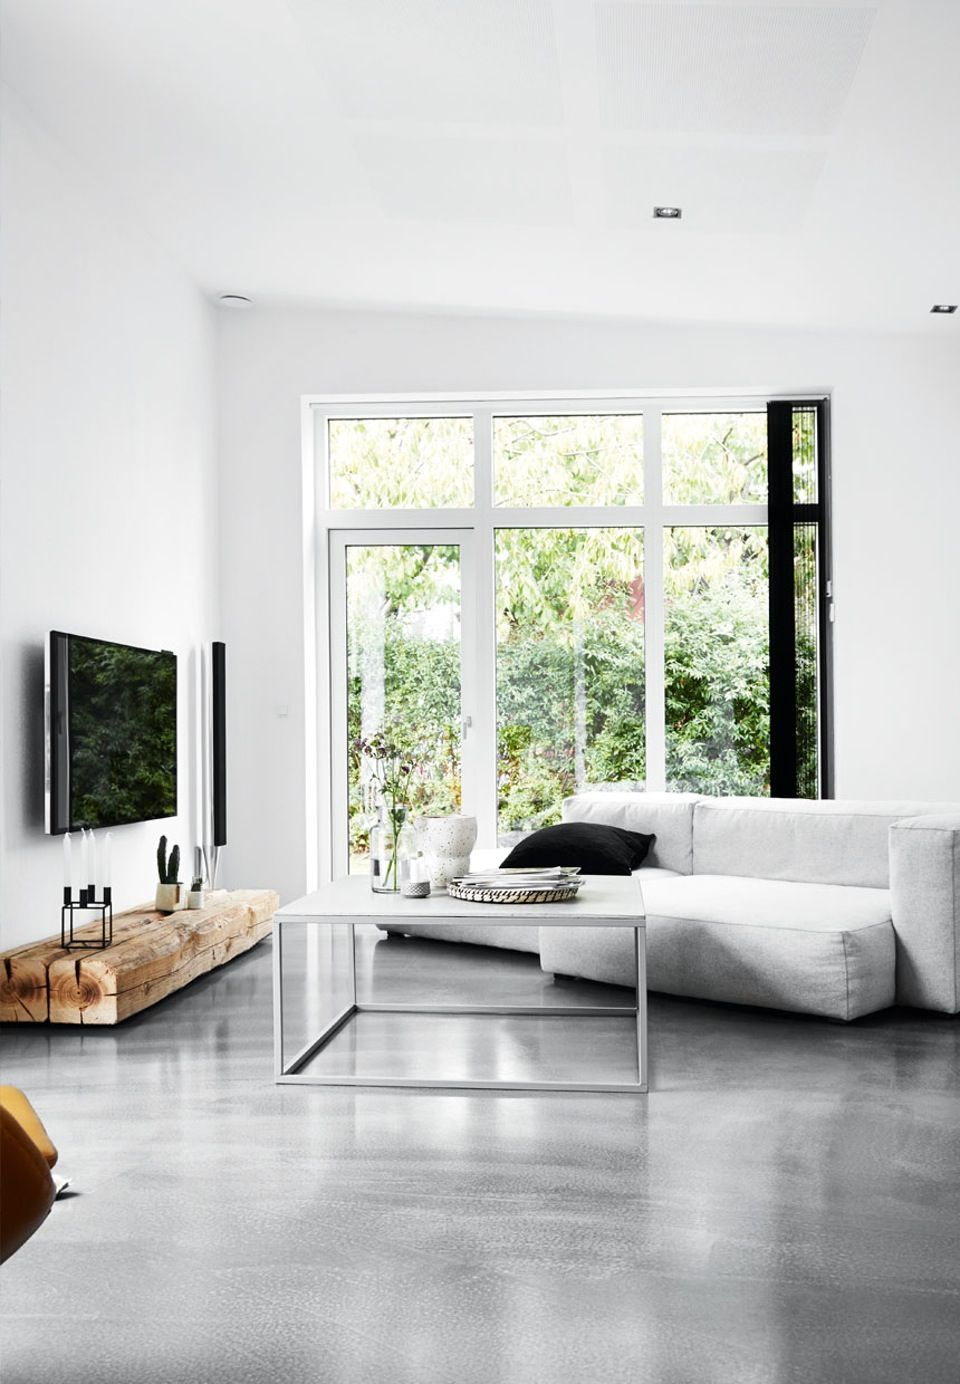 House interior design White villa via